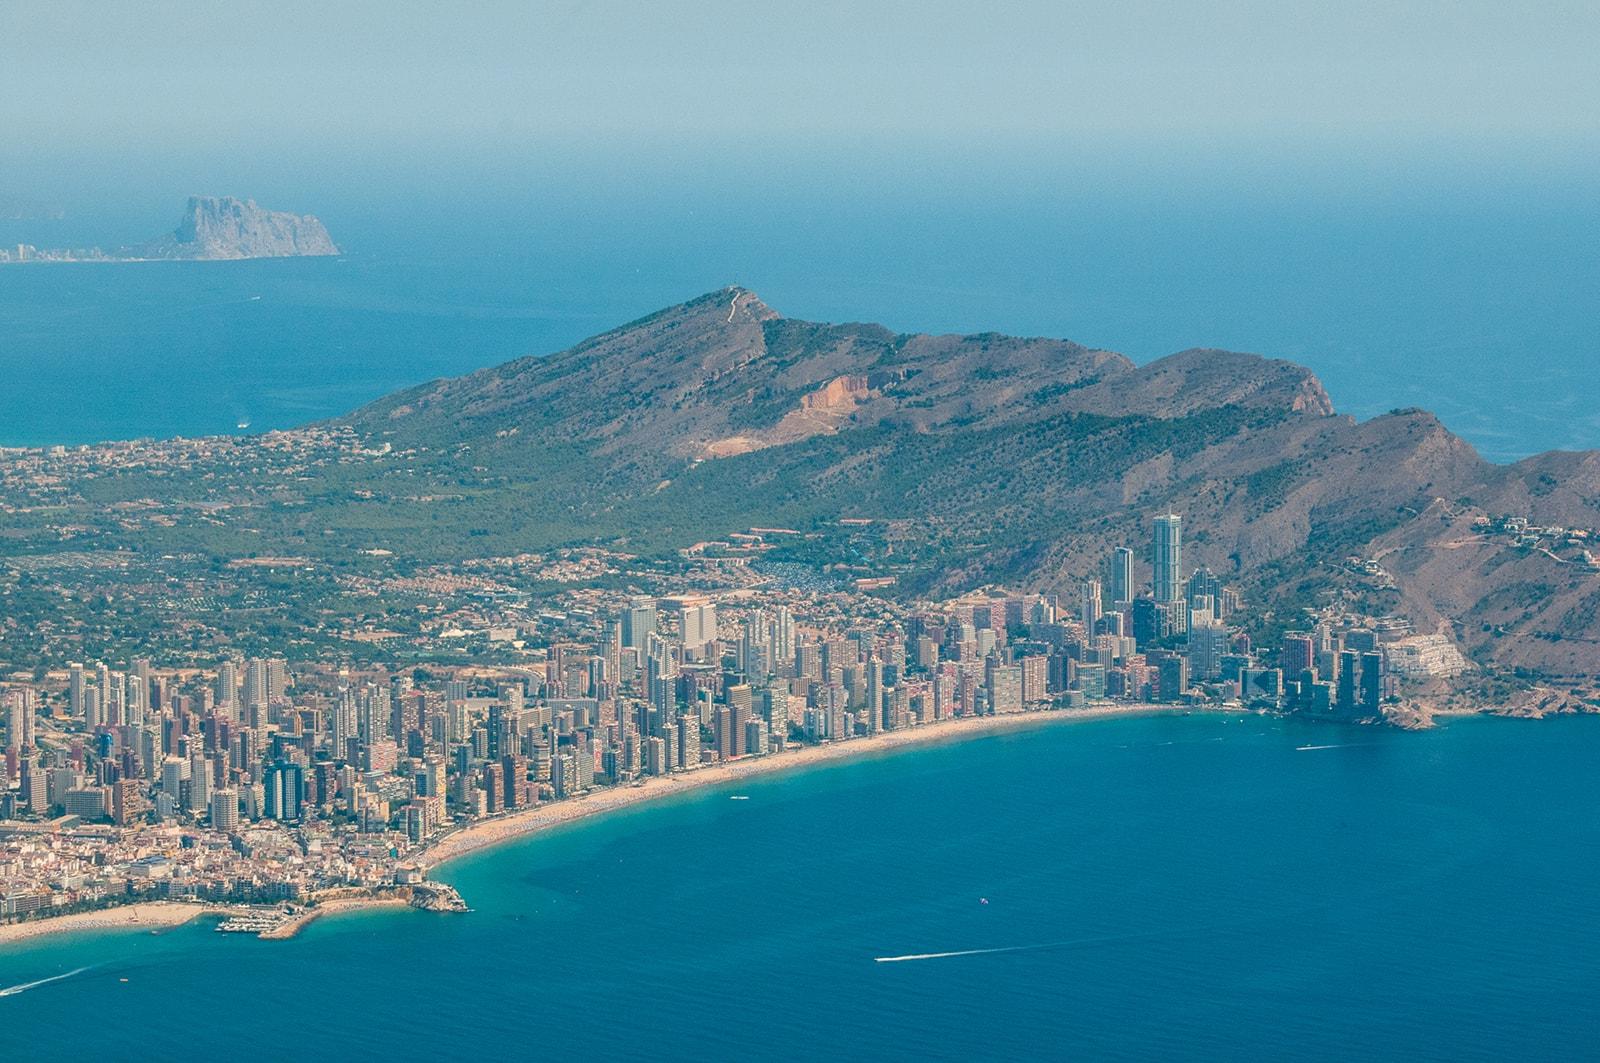 Las playas del mediterraneo estar para creeer - 4 3